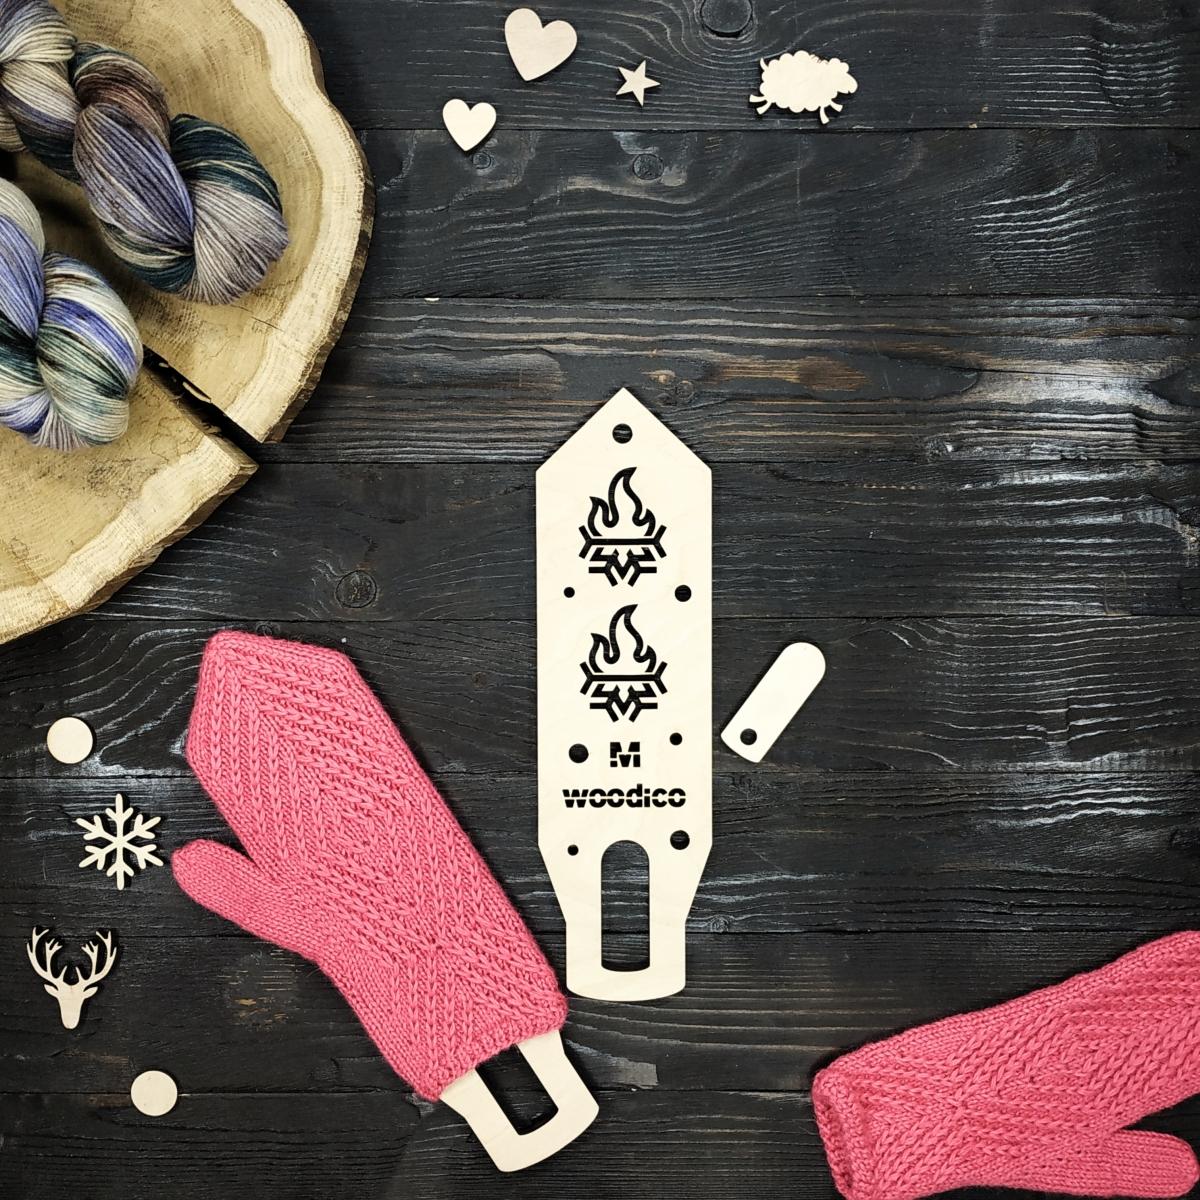 woodico.pro wooden mitten blockers nordic hot cold 1200x1200 - Wooden mitten blockers / Nordic Hot&Cold